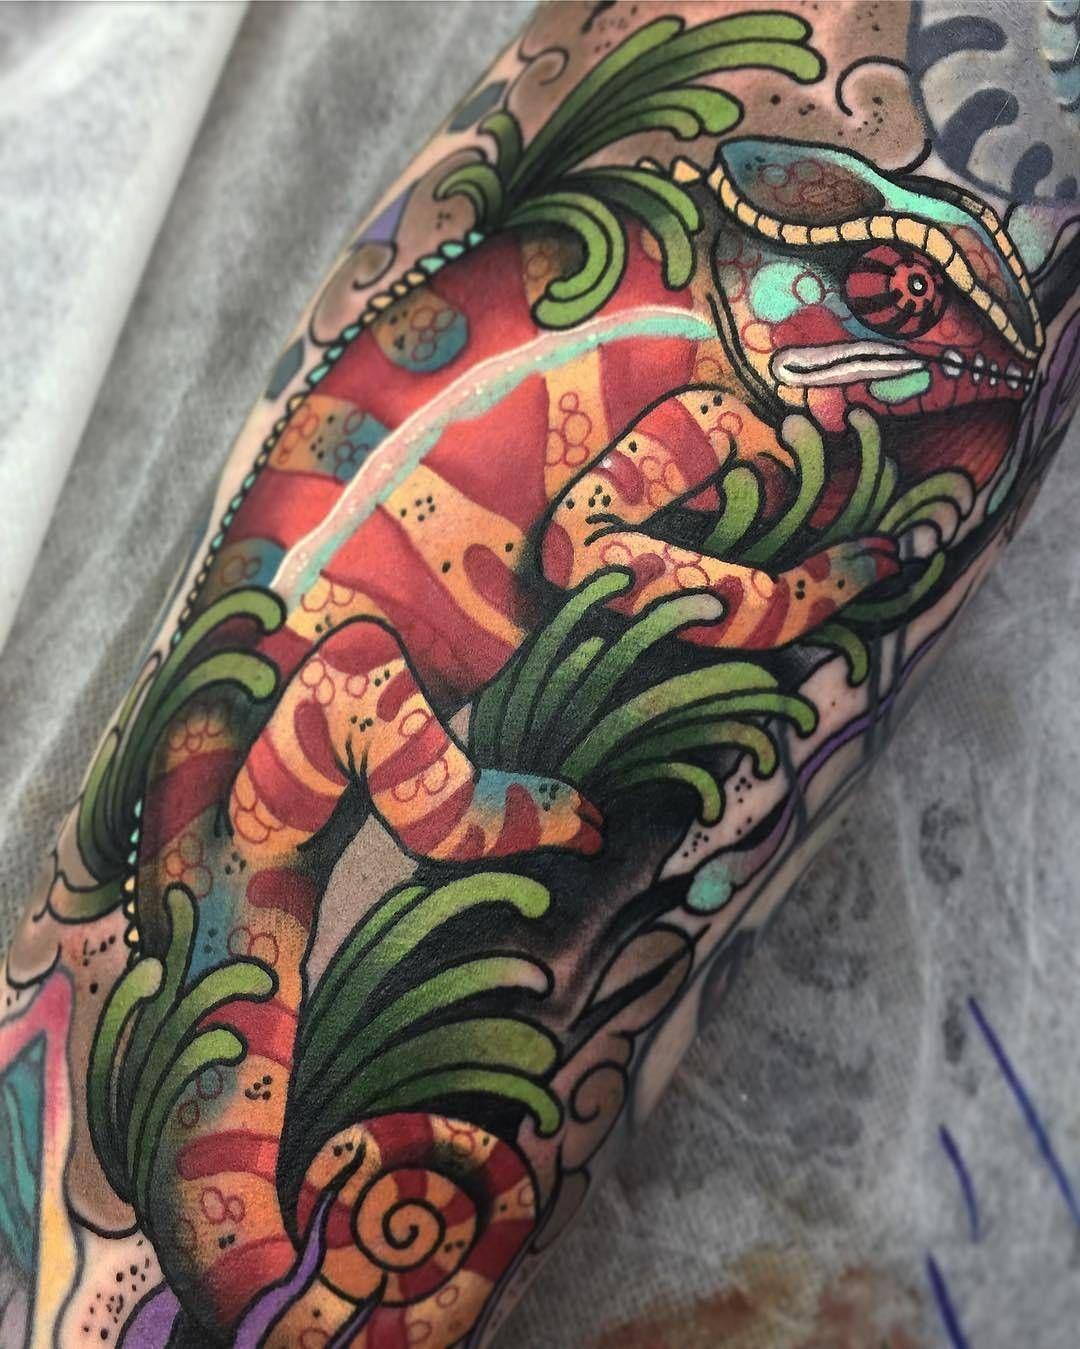 Cactus Tattoo Tattoo Ideas And Inspiration Tattoos Cactus